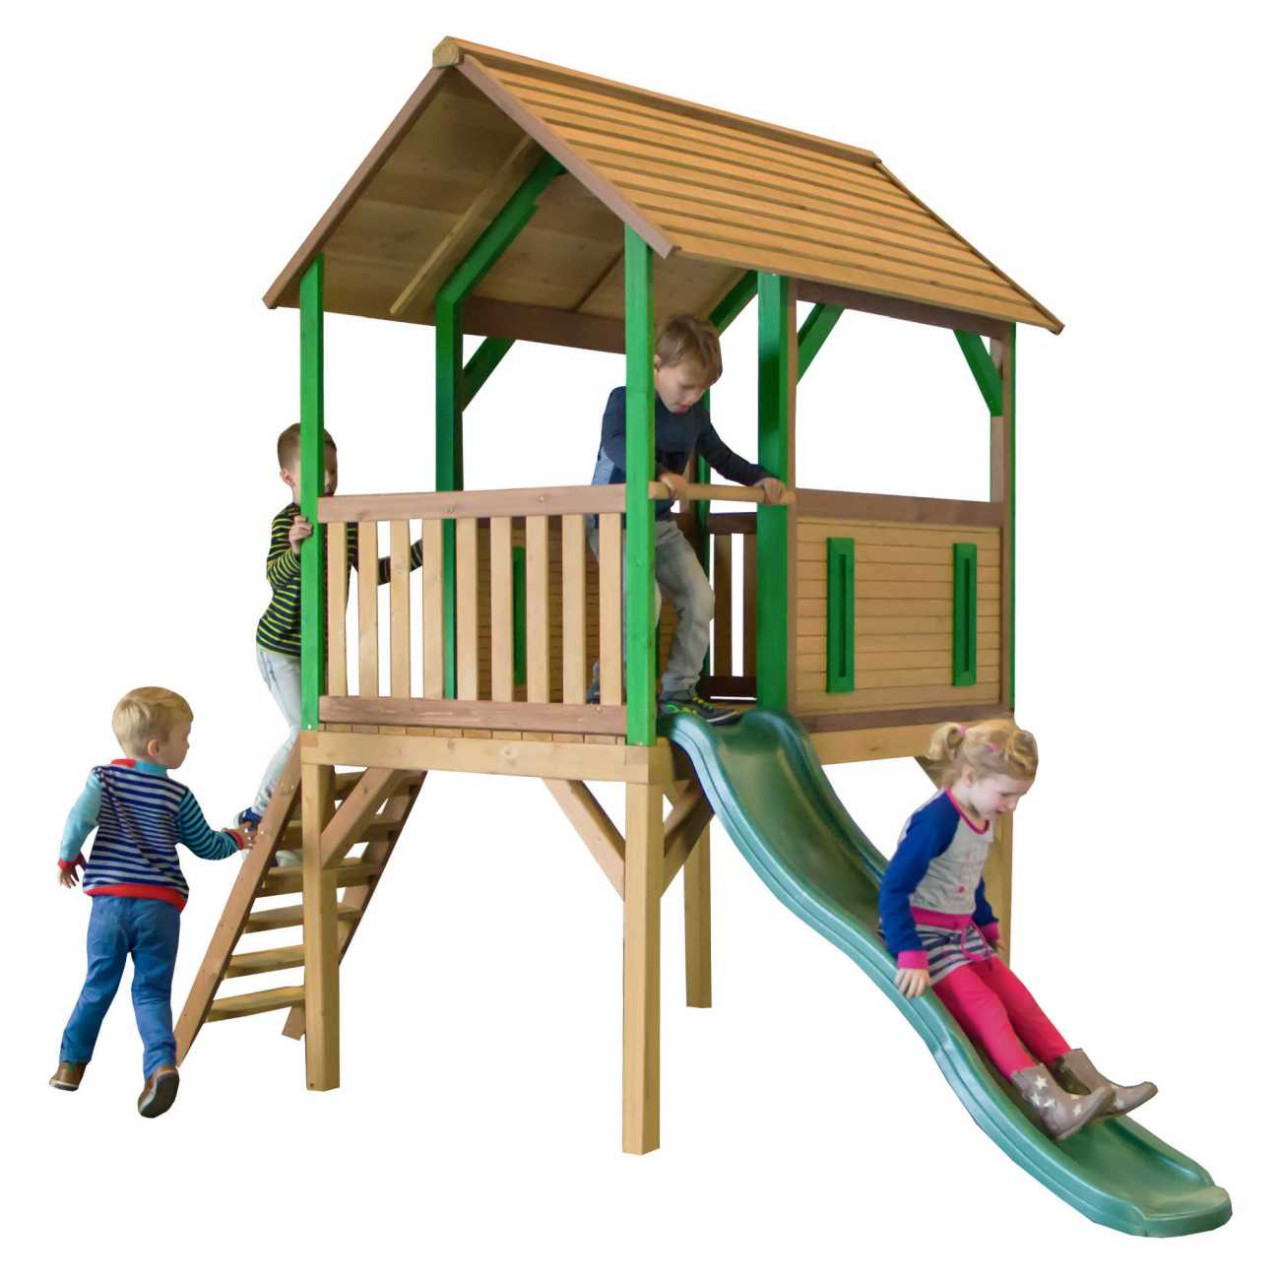 Spielturm Bogo, Axi Spielturm, Kinder